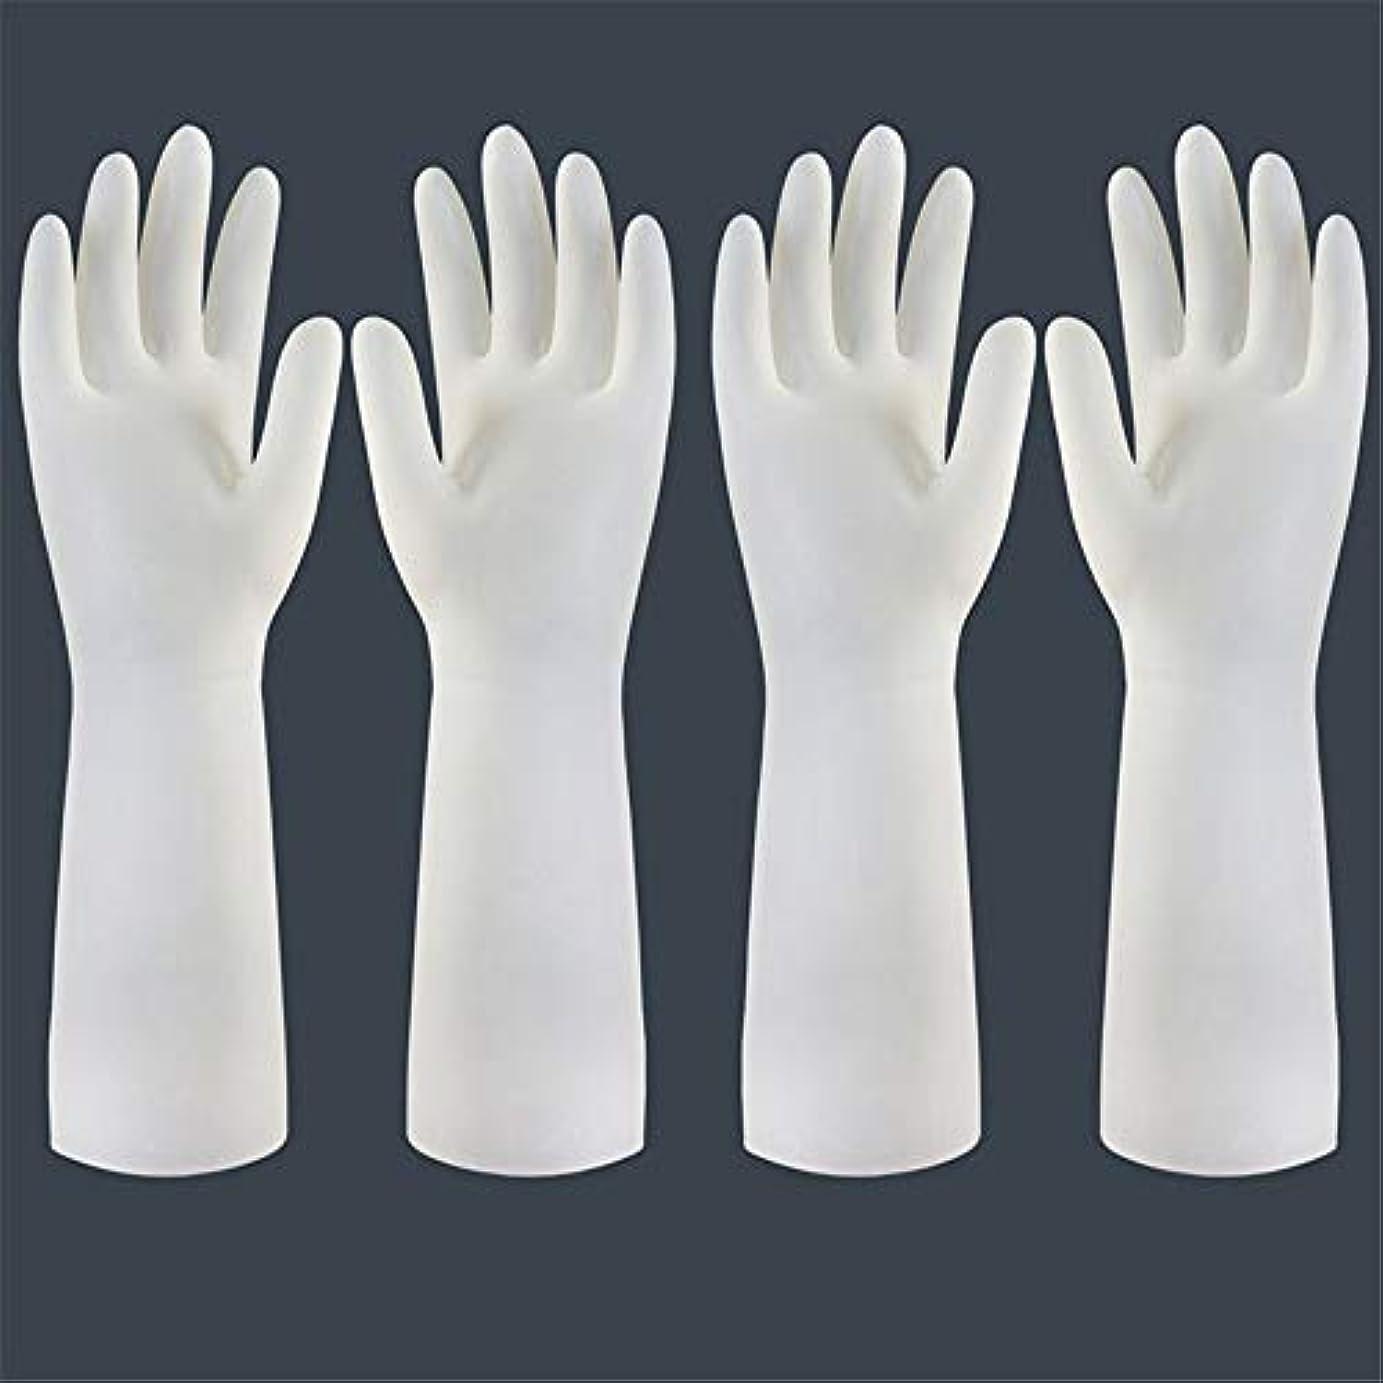 が欲しいロースト満足できる使い捨て手袋 使い捨て手袋の防水および耐久のゴム製台所手袋、小/中/大 ニトリルゴム手袋 (Color : Long-2 pair, Size : S)